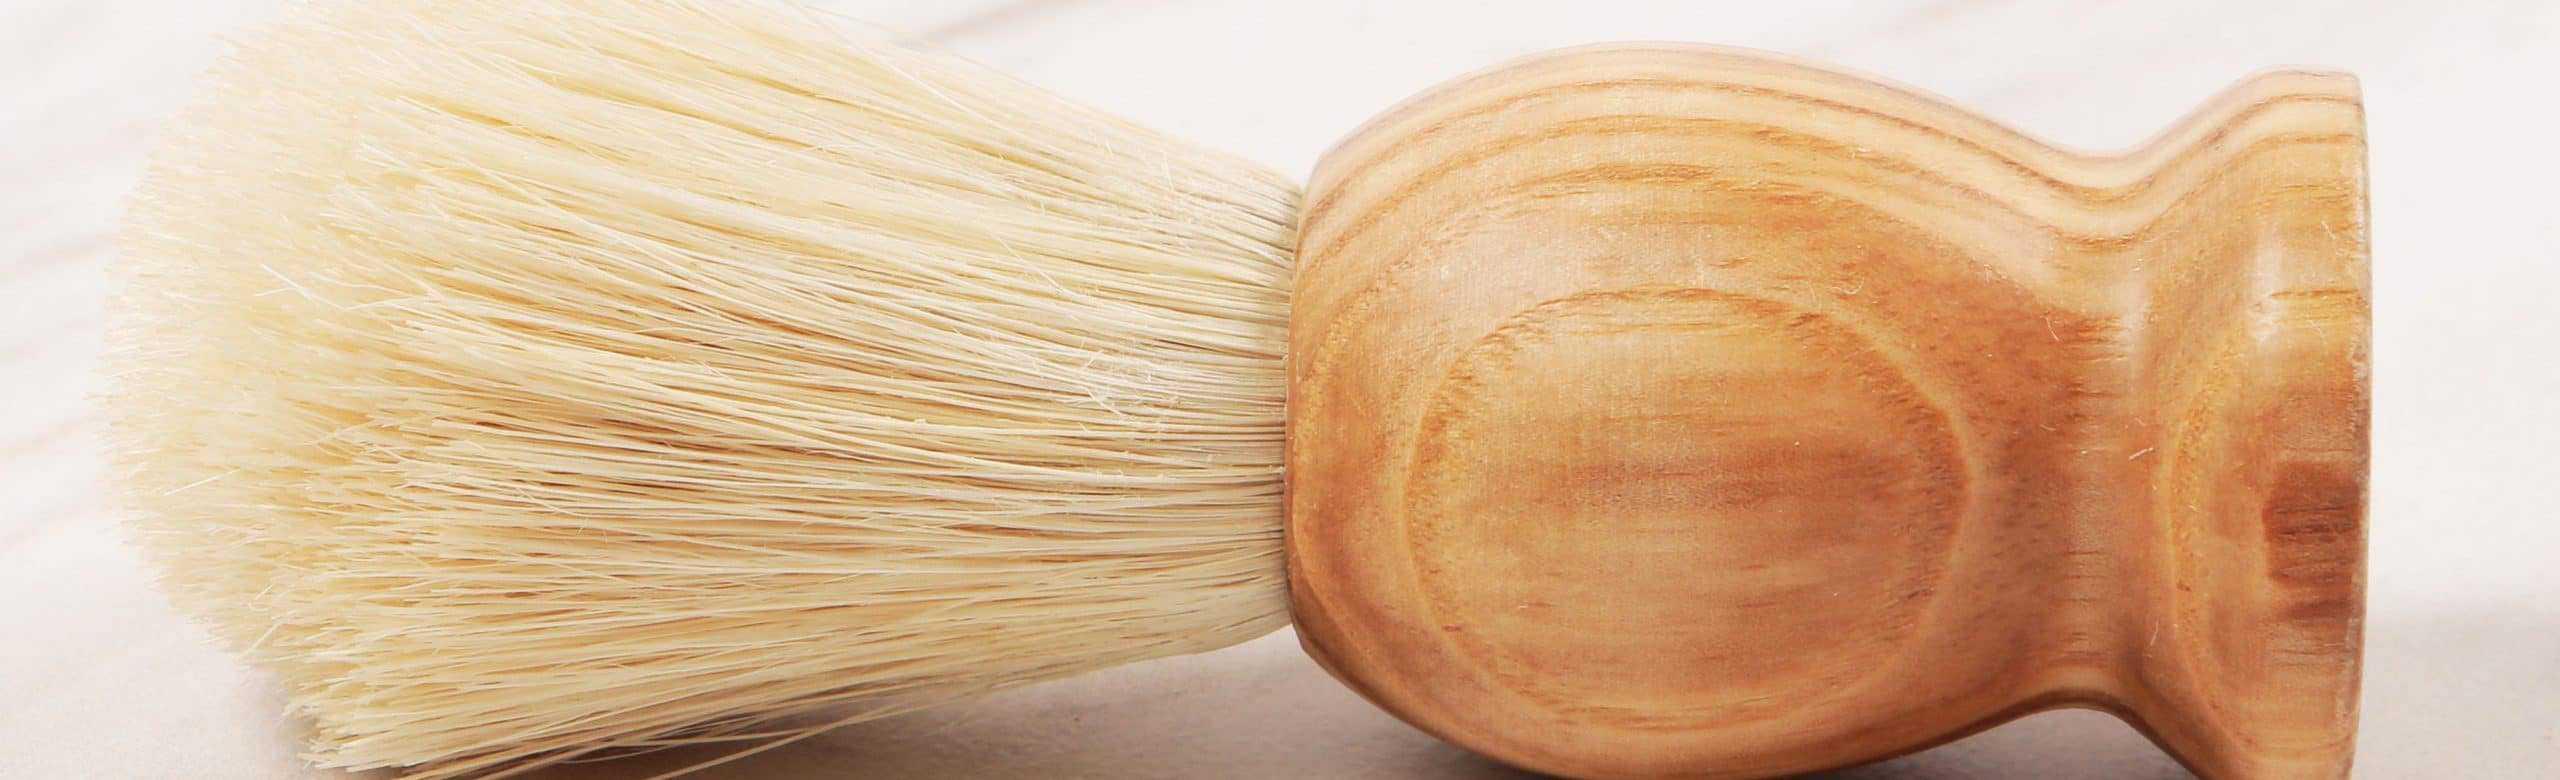 Best Plastic-Free Shaving Brush